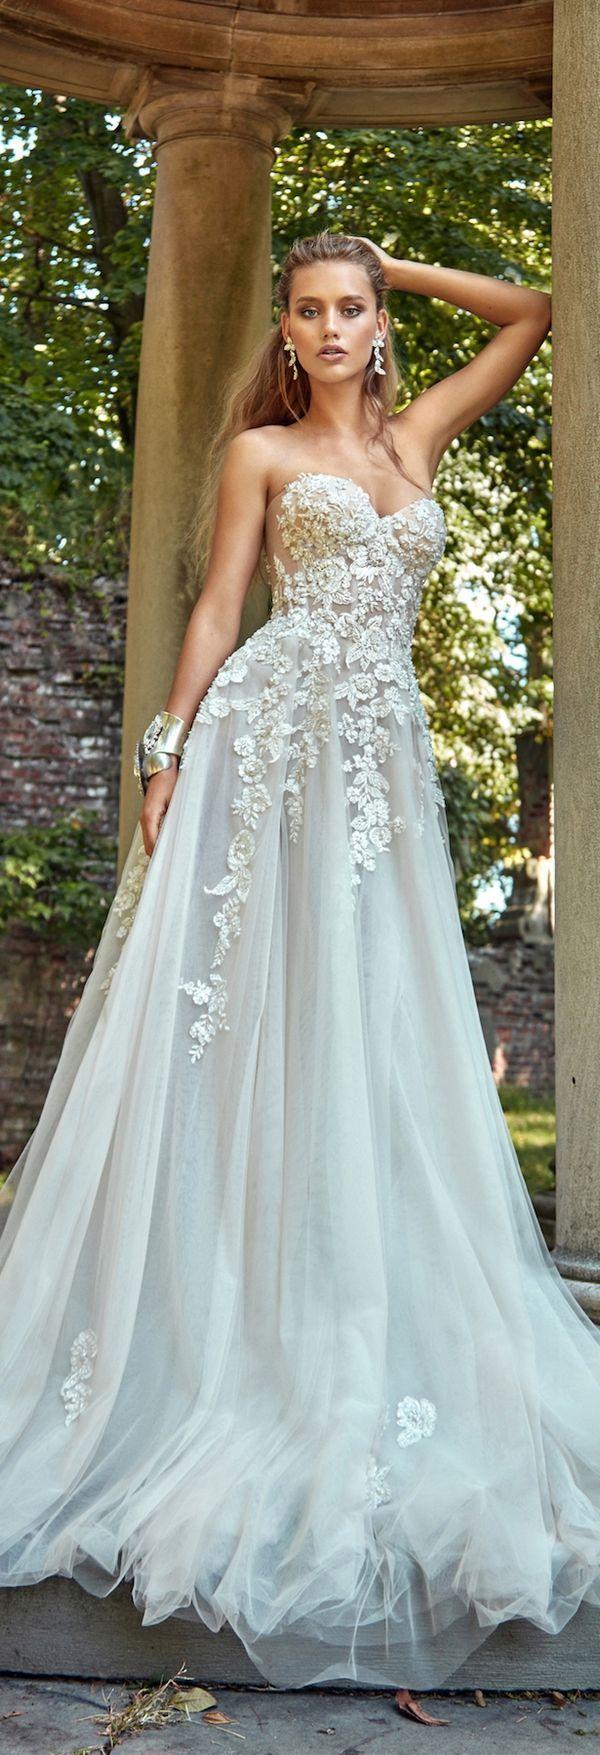 Mejores +100 imágenes de Women en Pinterest   Vestidos de boda ...